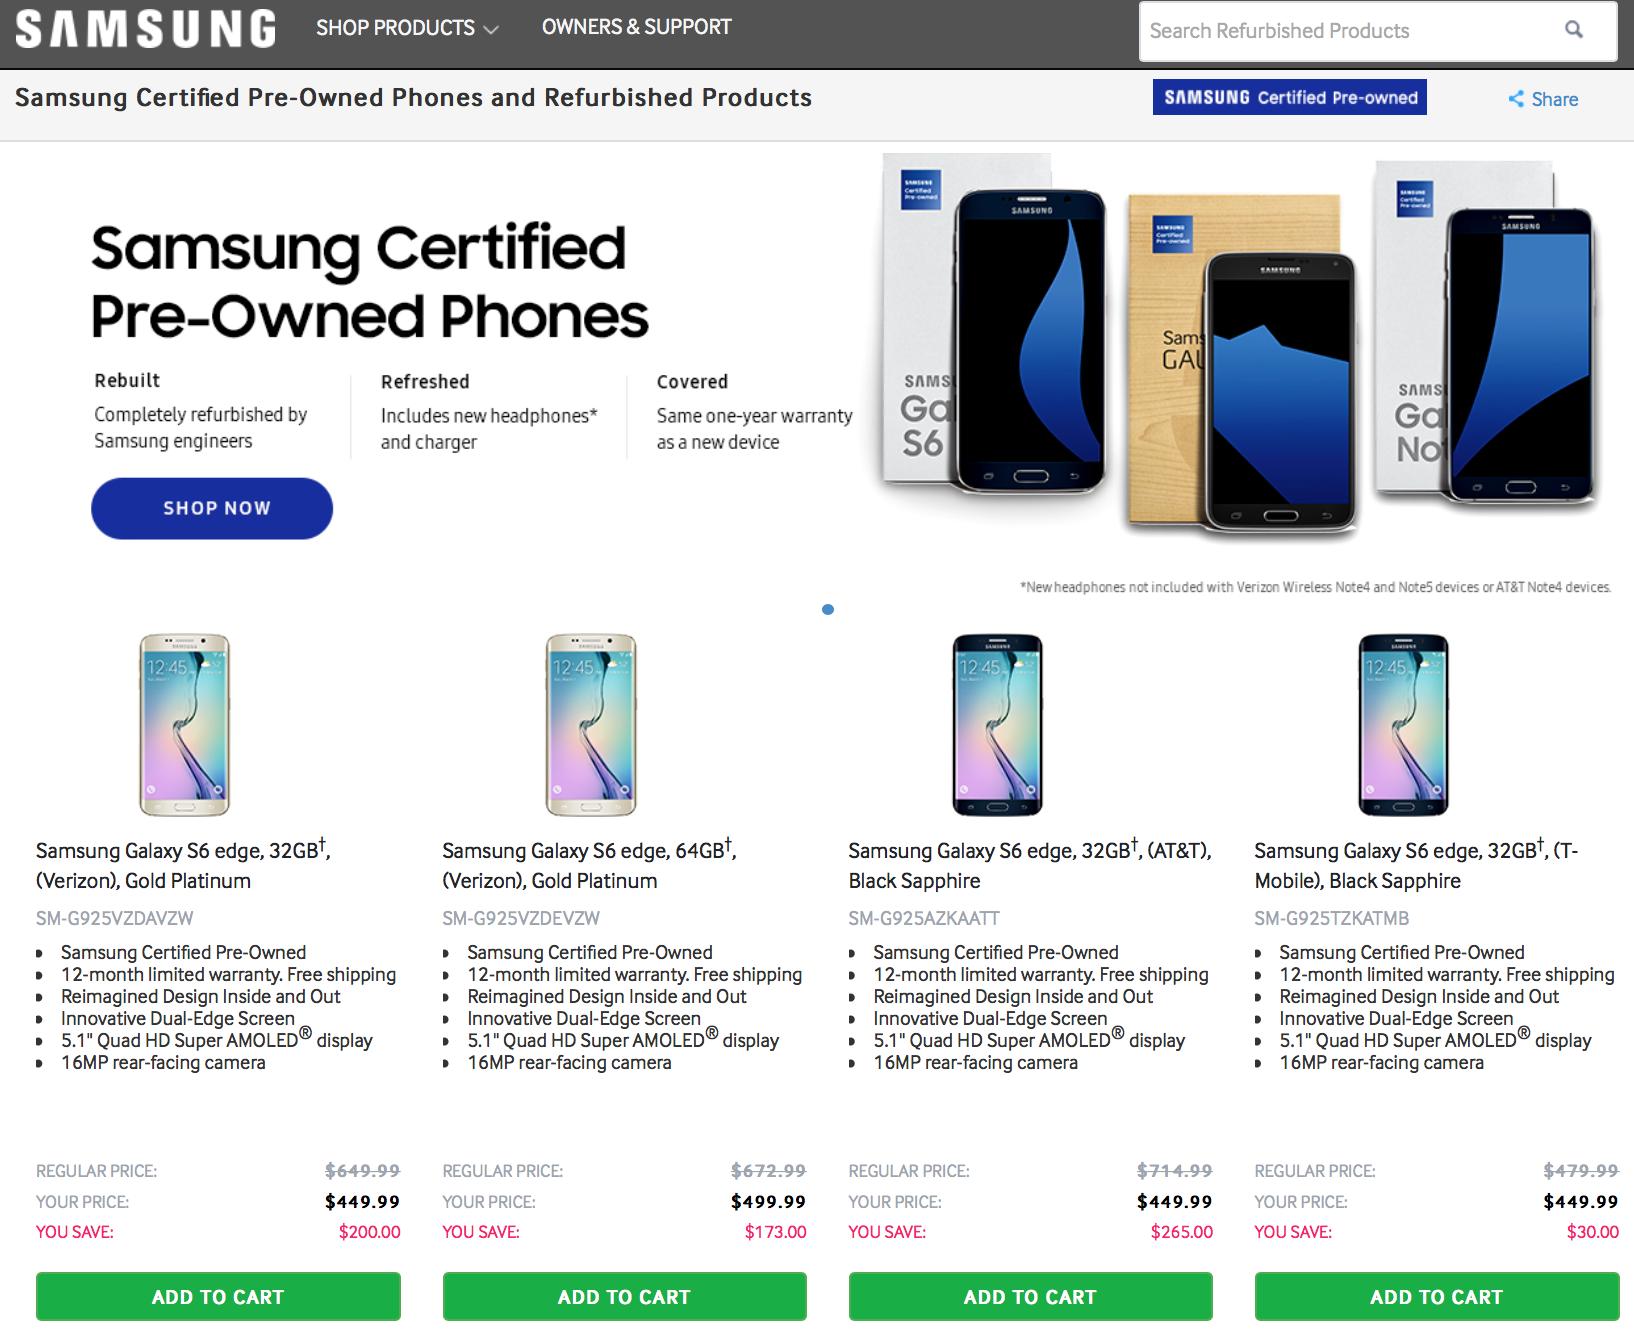 सामसंगको 'रिफर्बिस्ड' स्मार्टफोनहरुको बिक्री शुरु, अमेरिकी वेबसाइटमा लिस्टेड